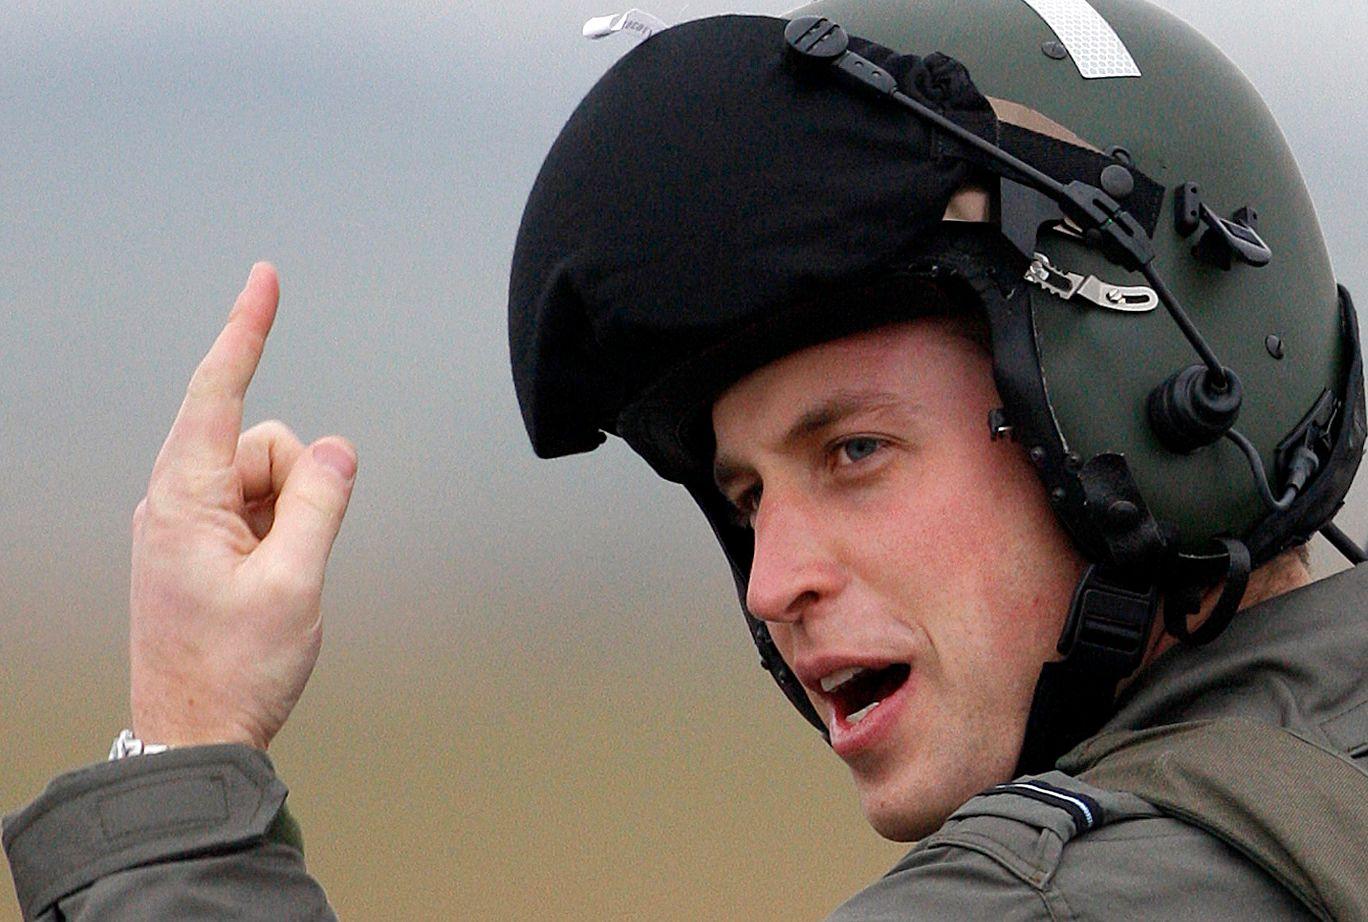 Le duc de Cambridge a passé sept ans et demi dans les rangs de l'armée.